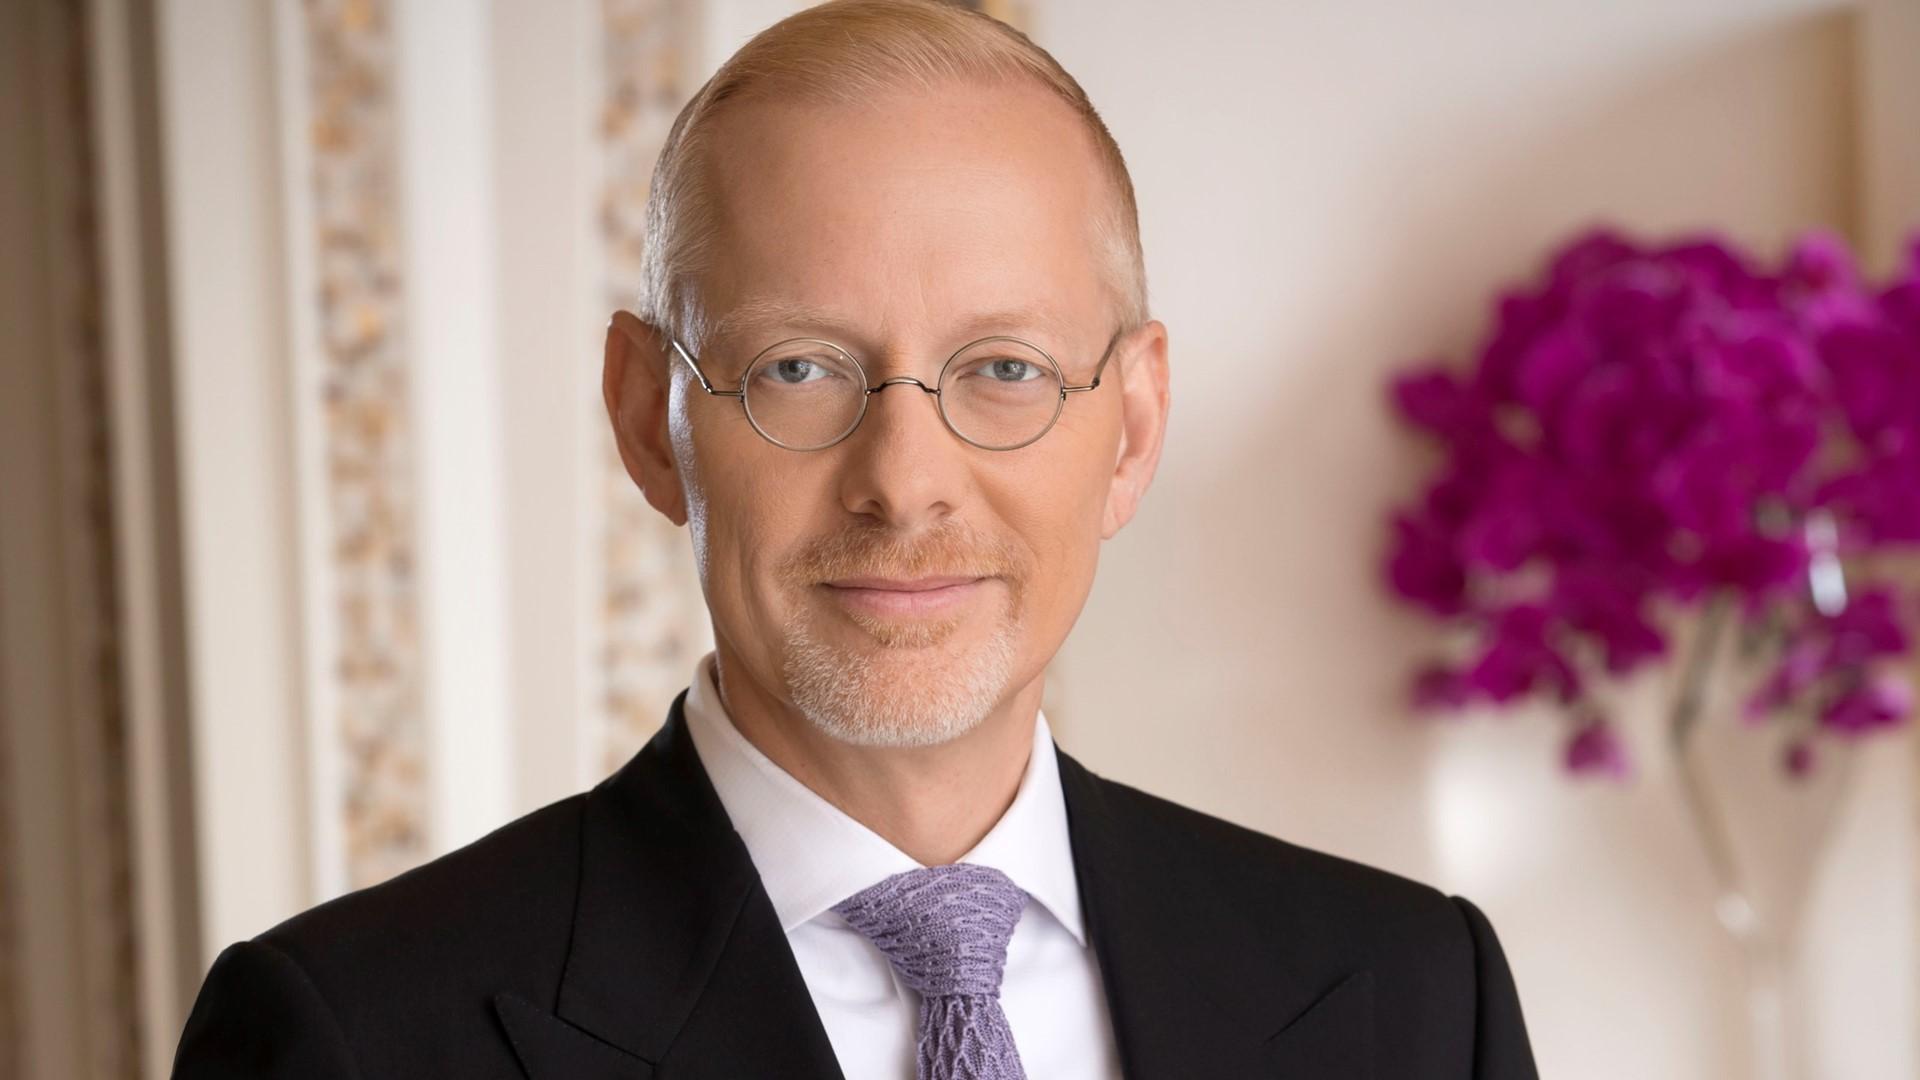 Brian Gullbrants, President of Encore Boston Harbor